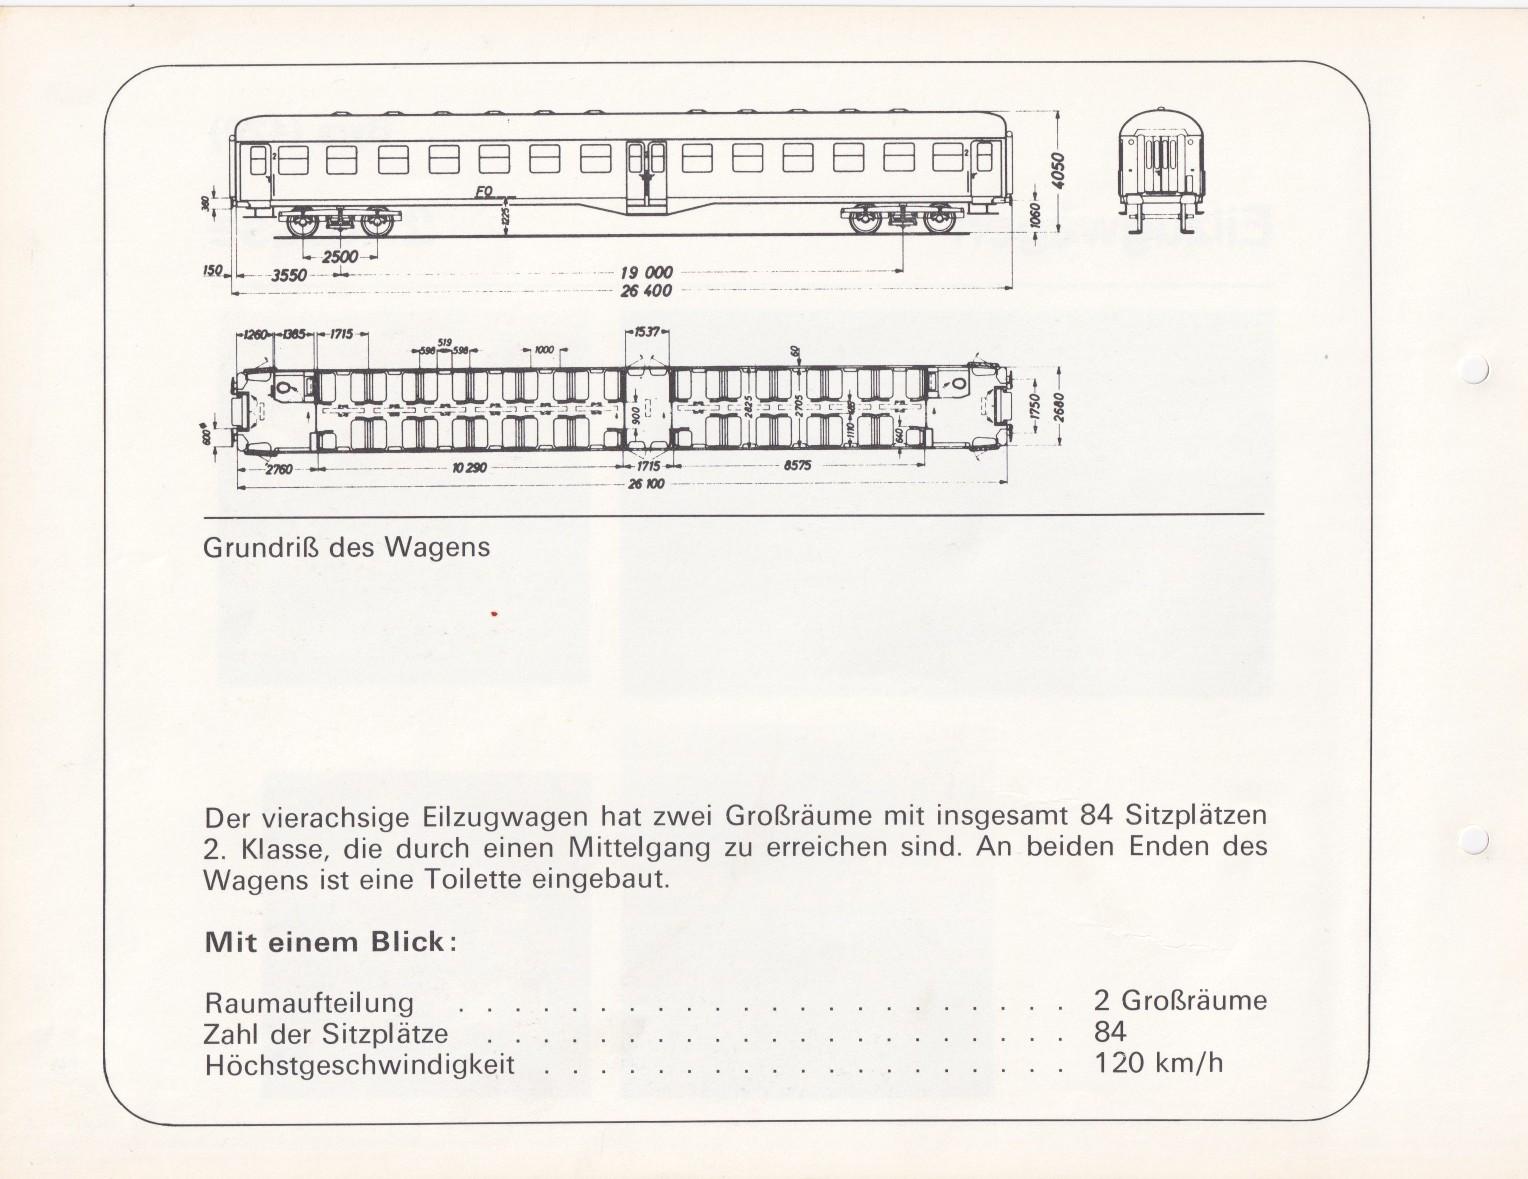 https://www.nullclub.de/hifo/Fahrzeuglexikon/Wagen19b.jpg